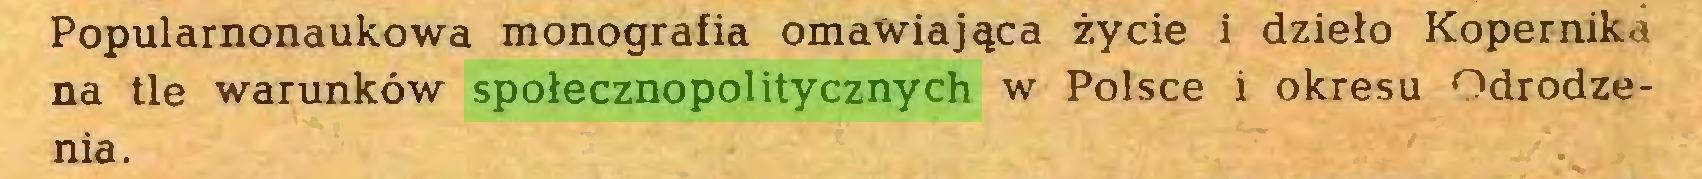 (...) Popularnonaukowa monografia omawiająca życie i dzieło Kopernika na tle warunków społecznopolitycznych w Polsce i okresu Odrodzenia...